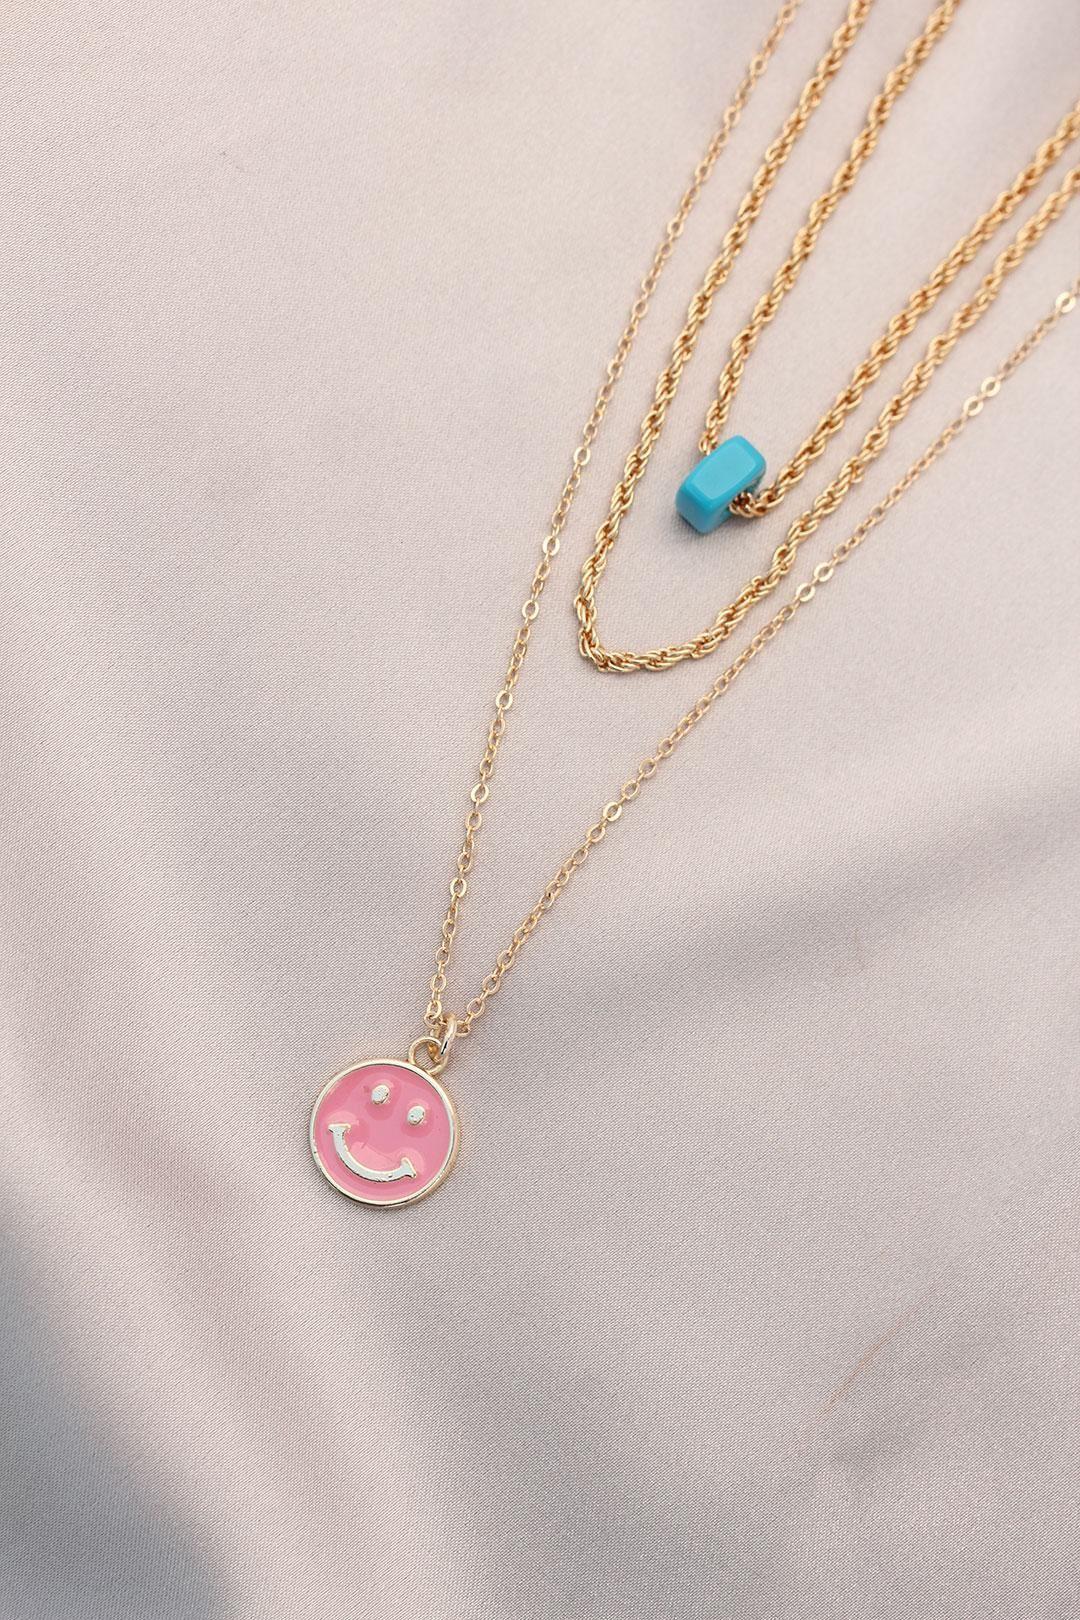 Yeni Sezon Pembe Renk Smile Model Mavi Doğal Taş Tasarımlı Çoklu Kolye